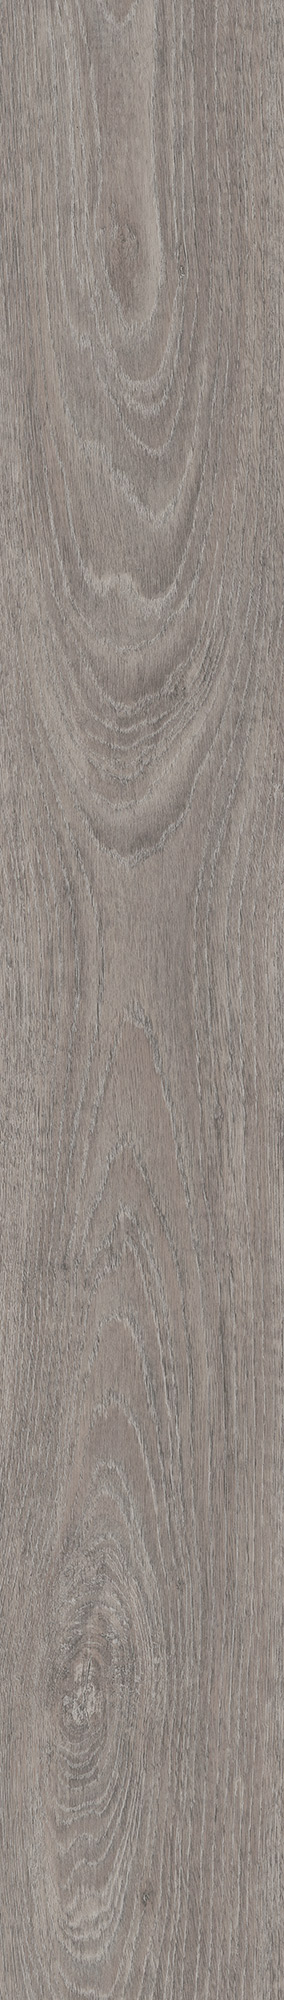 Washed Grey Oak Vinyl Click Flooring from Luvanto BULK BUY - large image